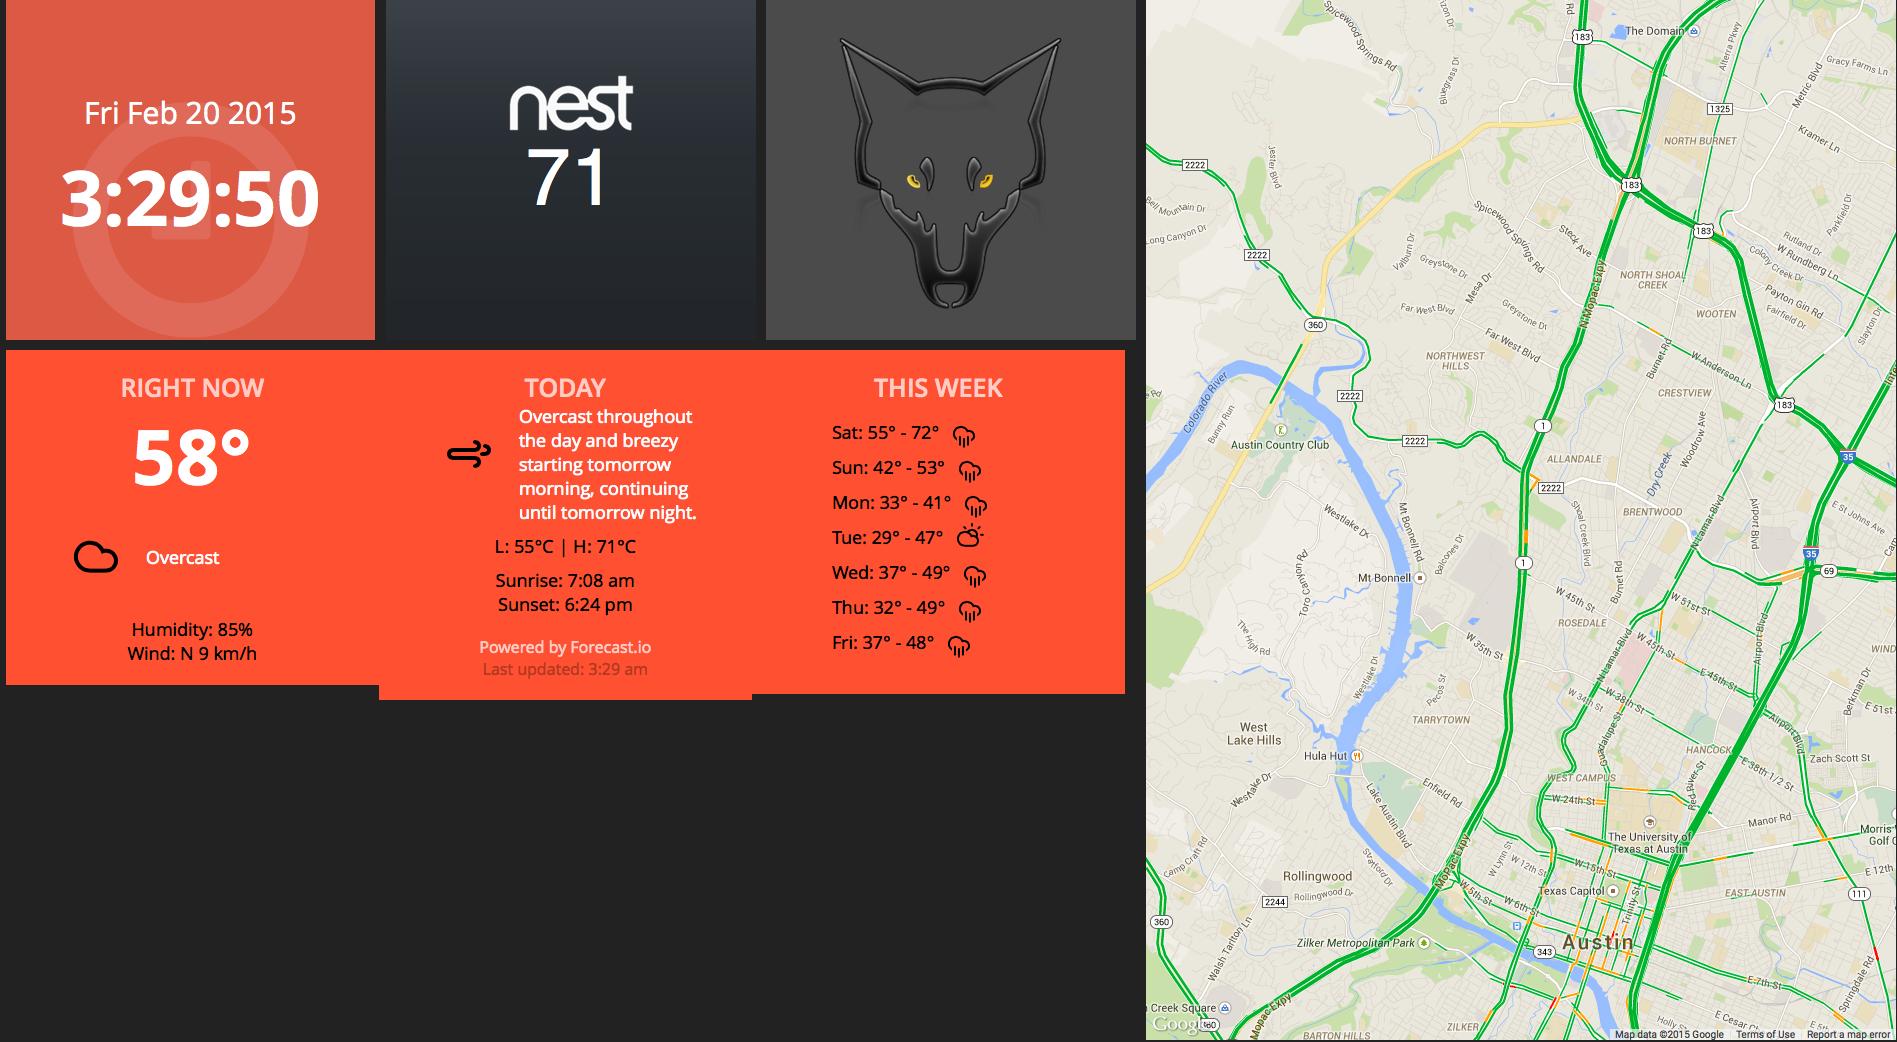 Dashing traffic map